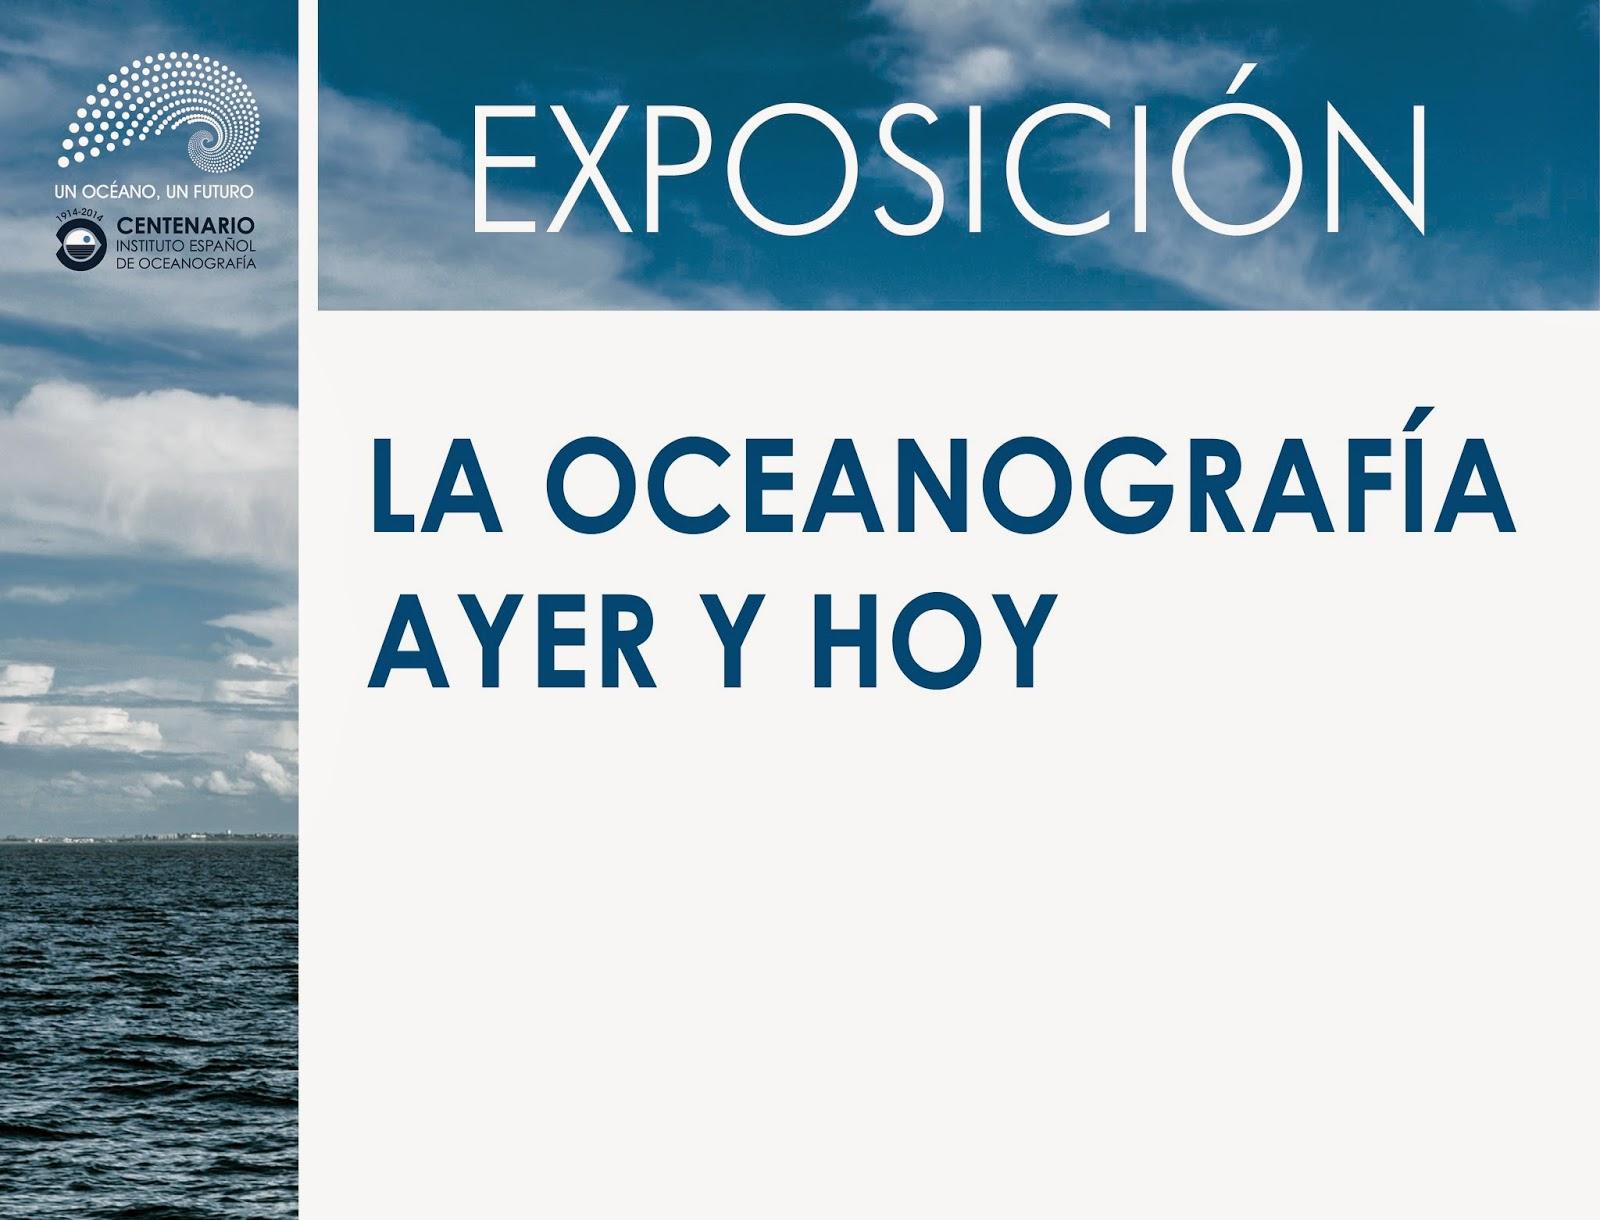 La oceanografía ayer y hoy